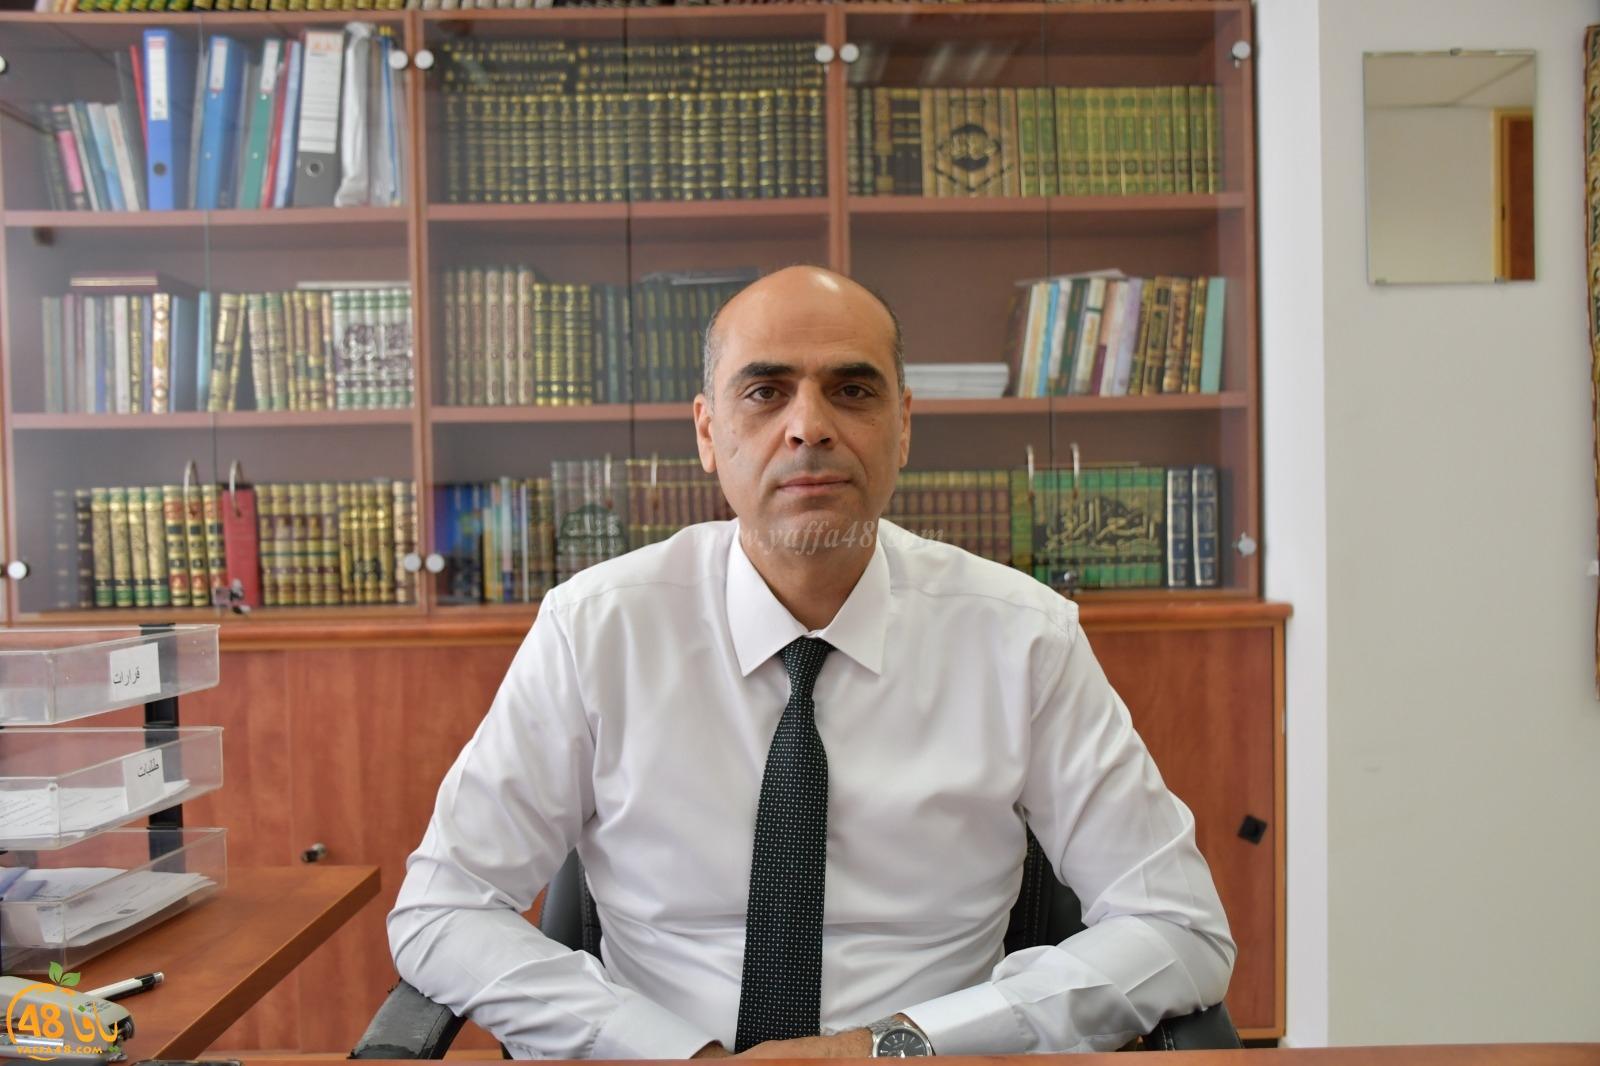 شاهد: لقاء مع القاضي د. اياد زحالقة مدير المحاكم الشرعية حول نقل المحكمة الشرعية من يافا